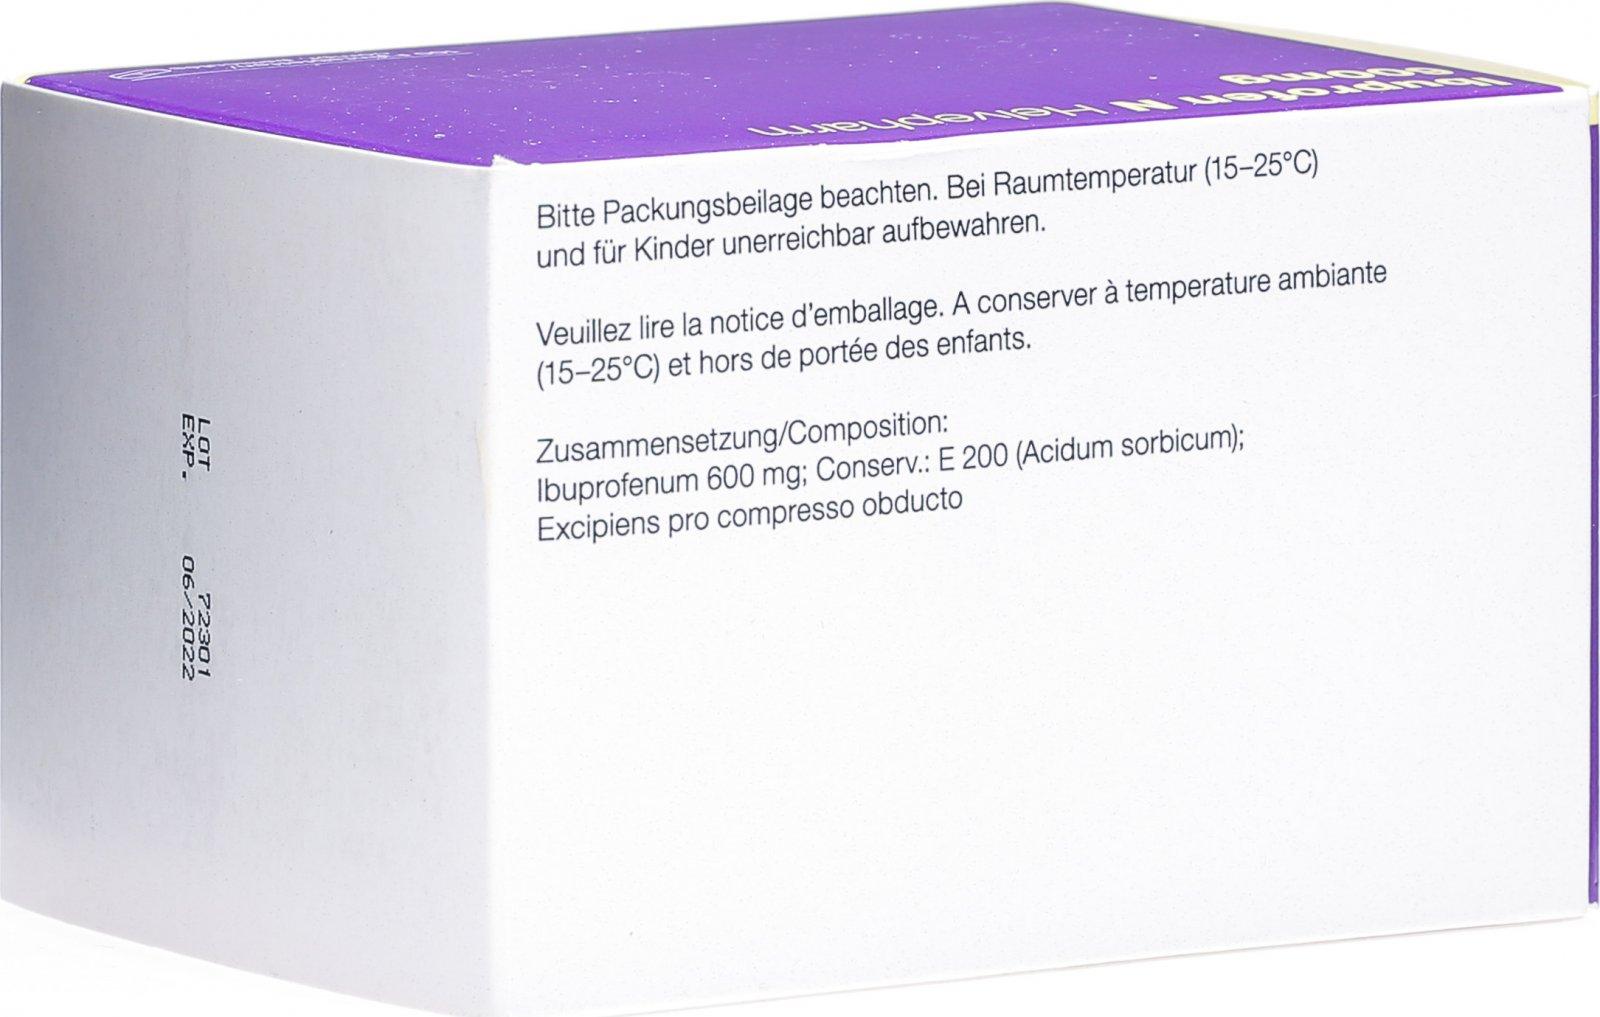 Wie Lange Wirkt Ibuprofen 400